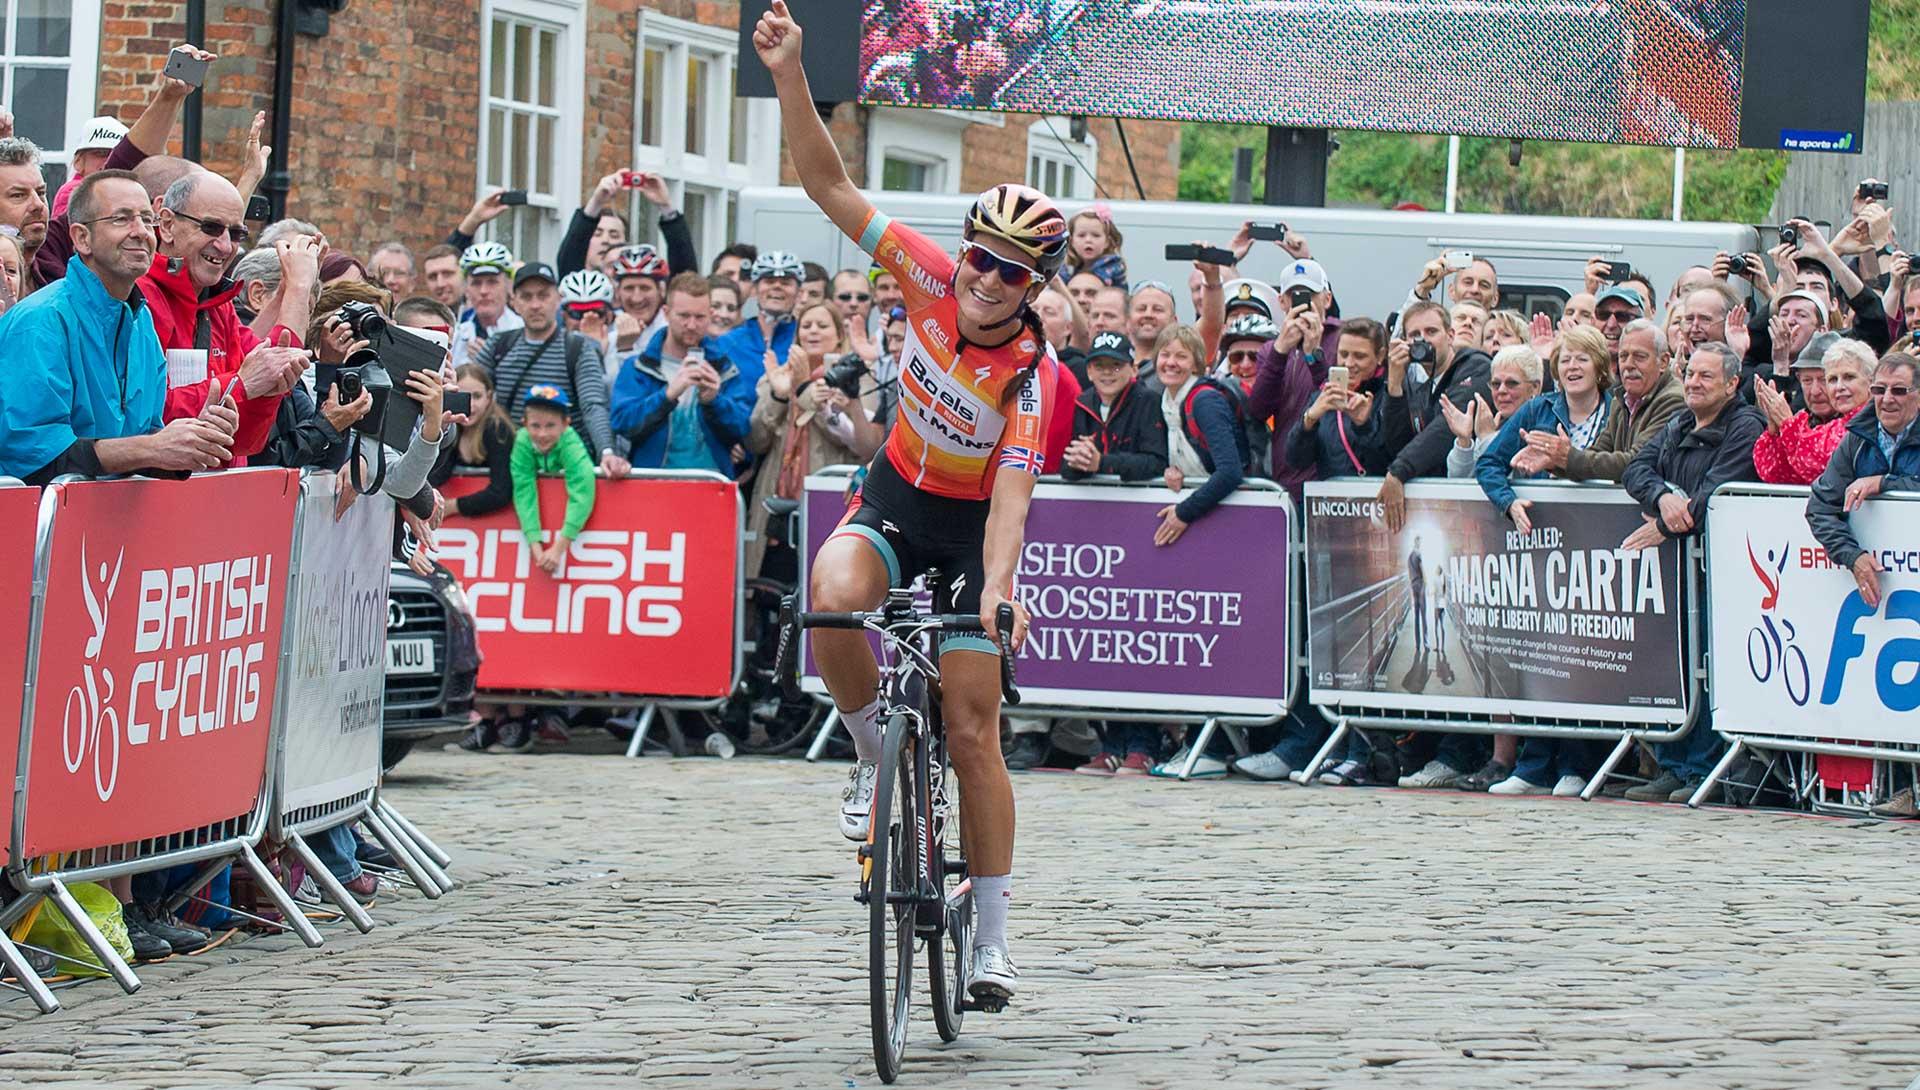 2016 British Cycling National Road Championships